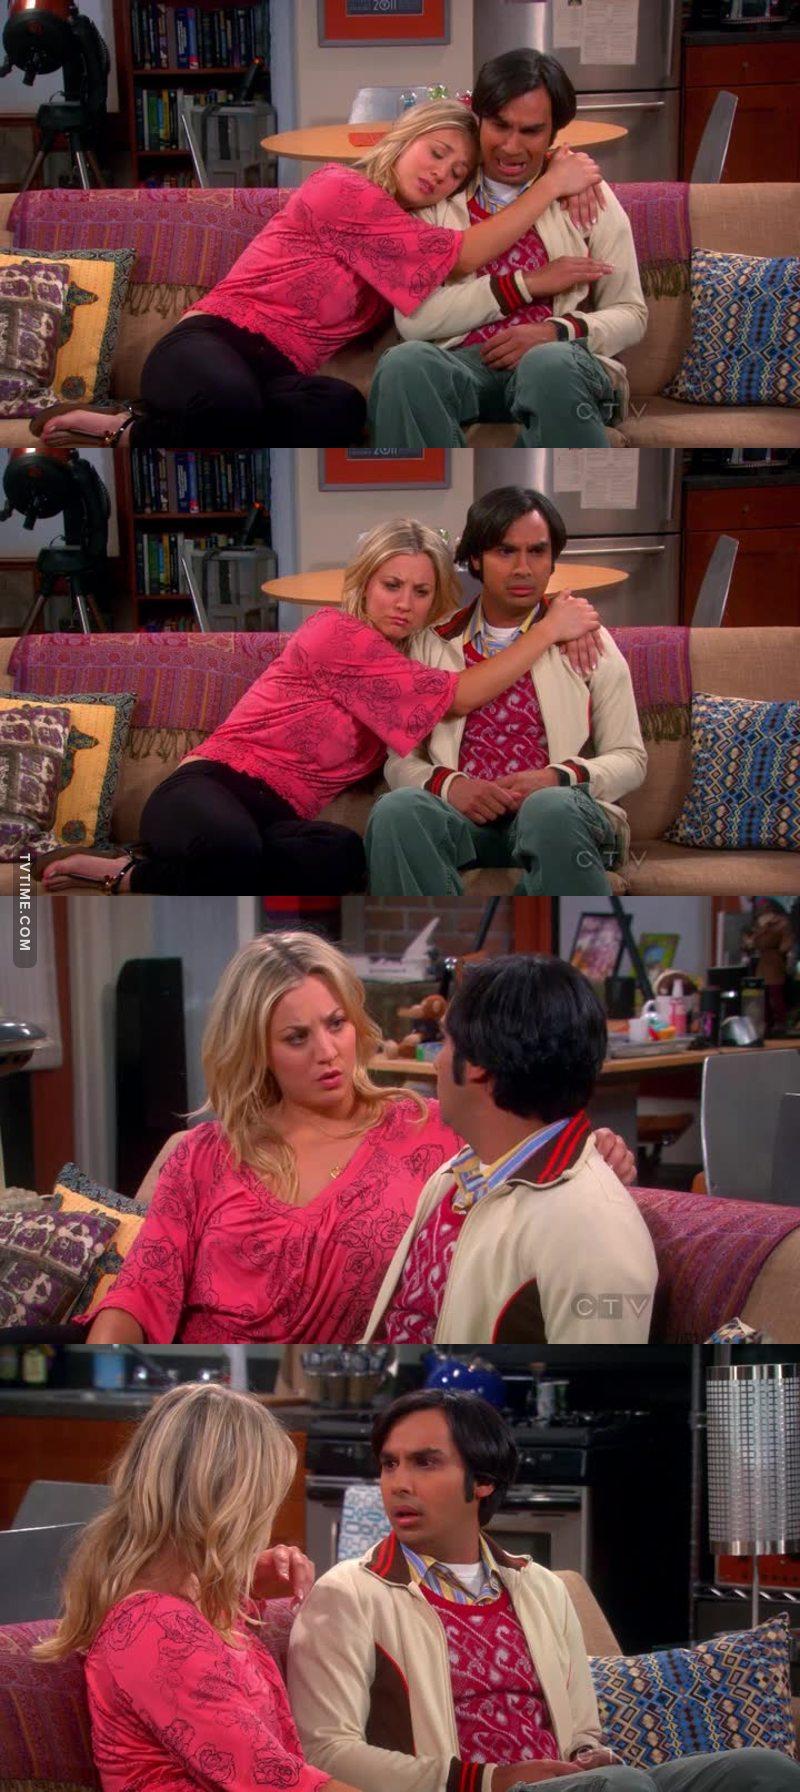 Depois de 6 temporadasssssss, Rajesh finalmente superou o medo de falar com mulheres, AAAAAAAAAAAAAA ❤❤❤❤❤❤